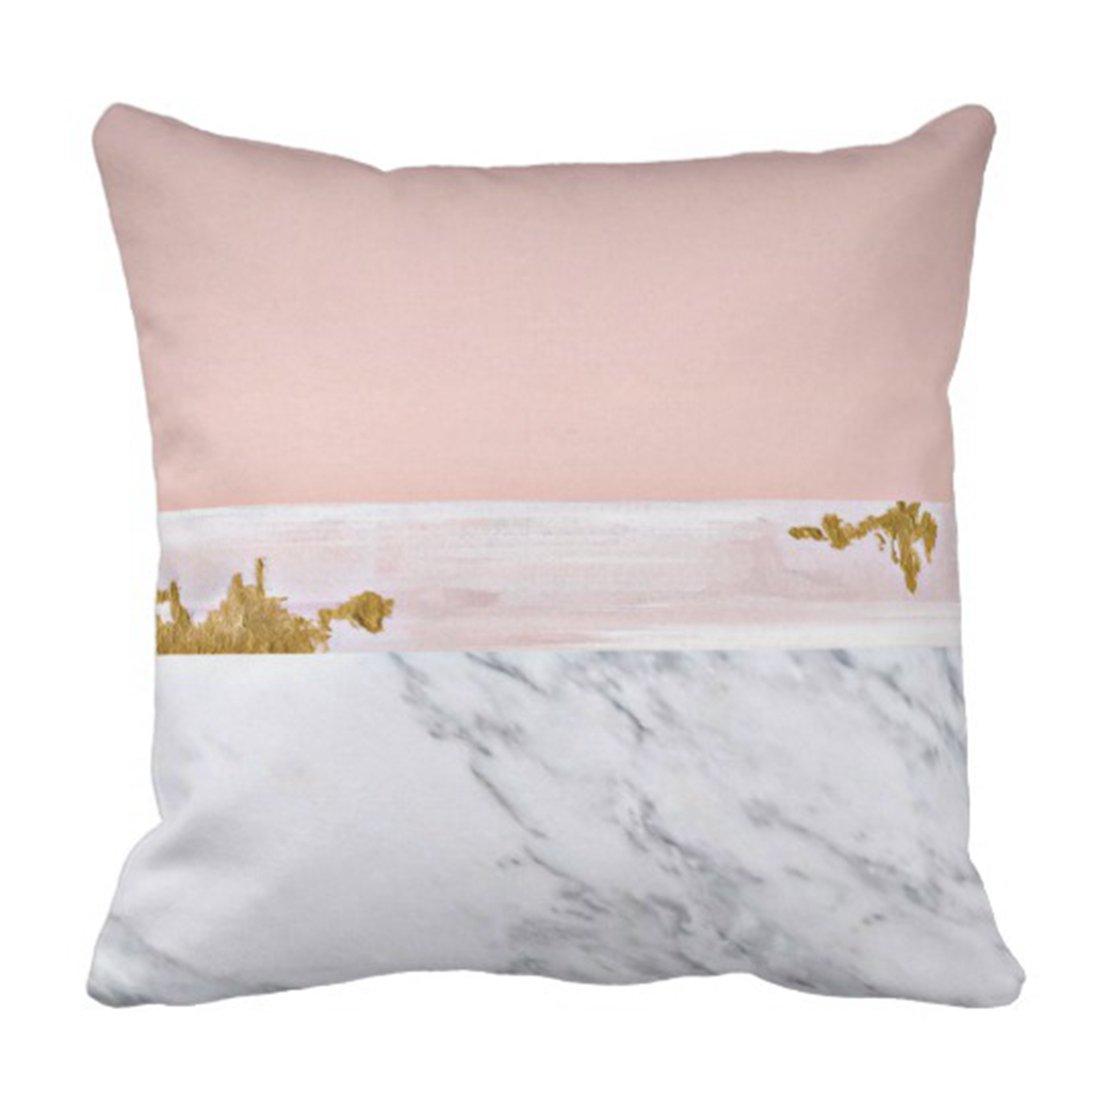 Amazon.com: Emvency - Funda de almohada de oro rosa y mármol ...